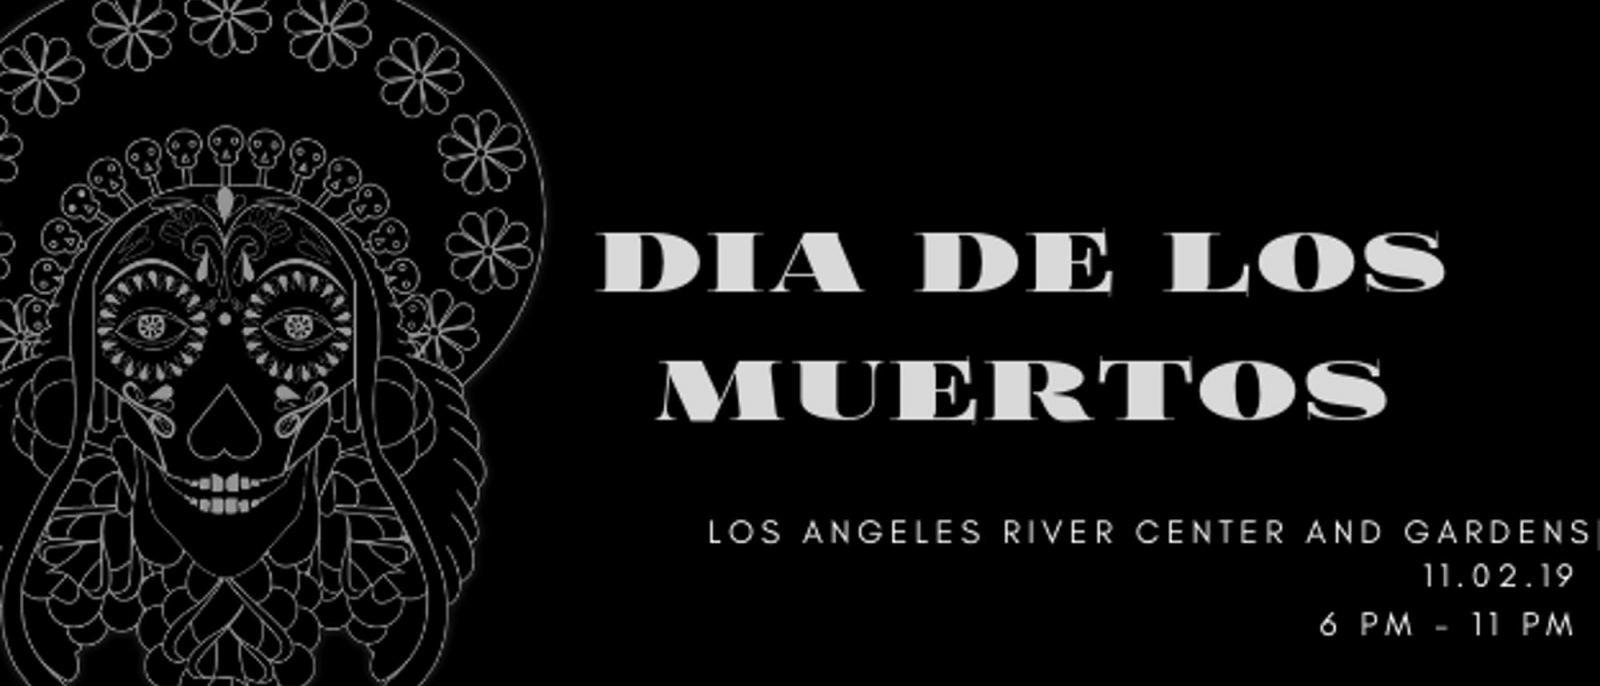 Mujeres de la Tierra 6th Annual Día de los Muertos Fundraiser